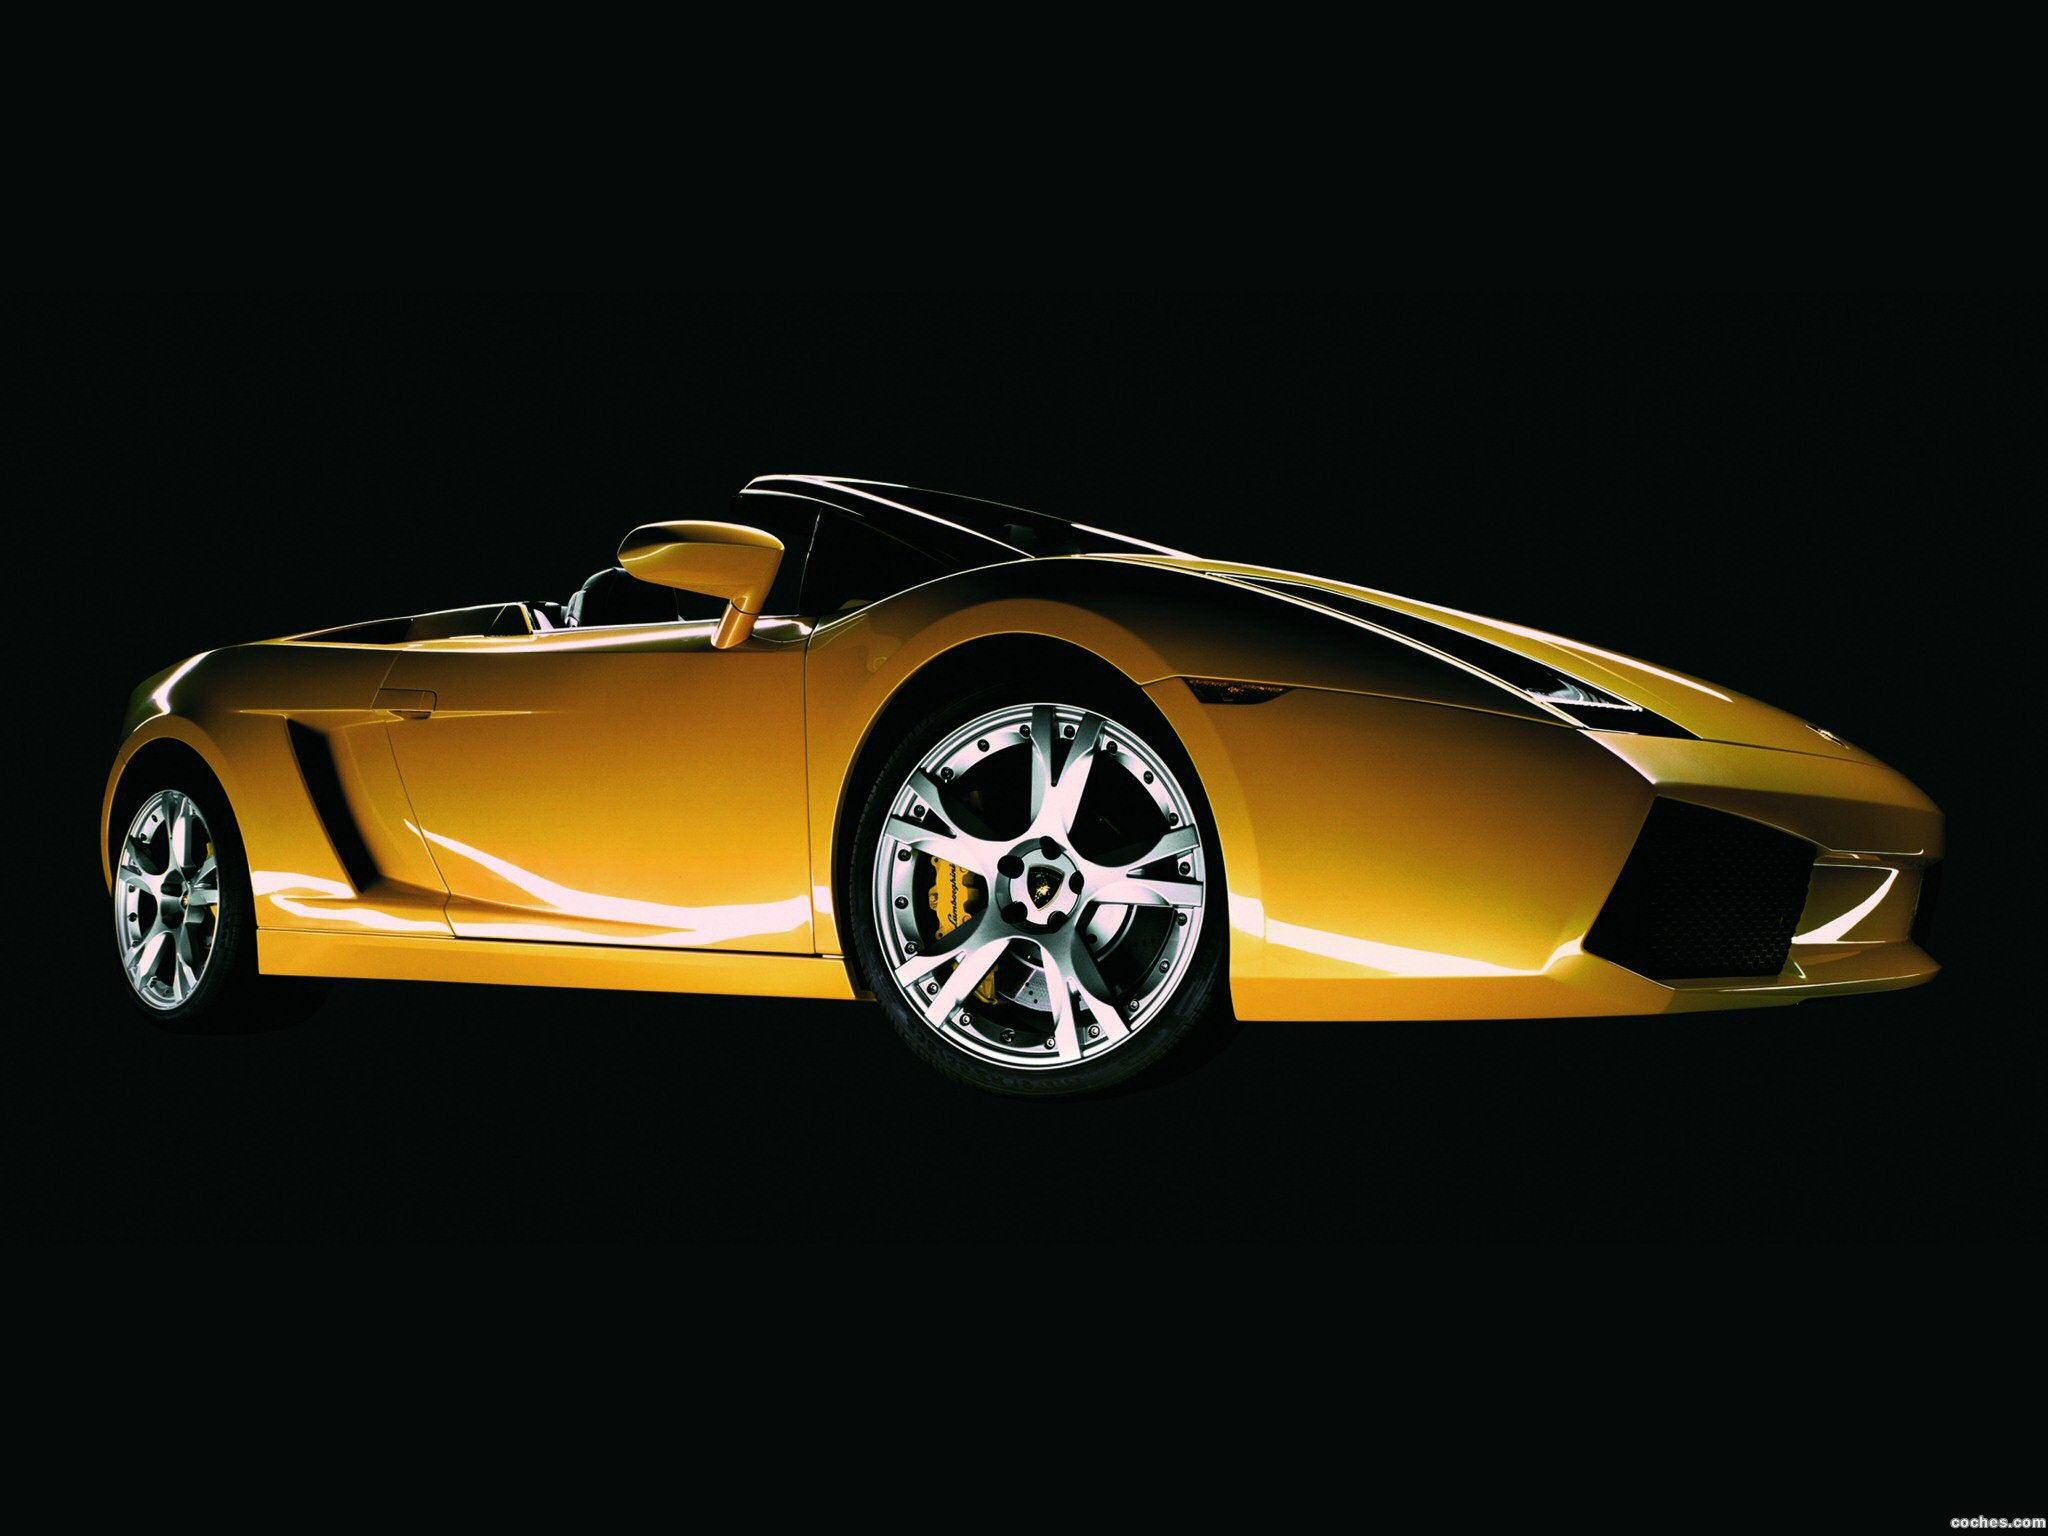 Foto 0 de Lamborghini Gallardo Spyder 2005